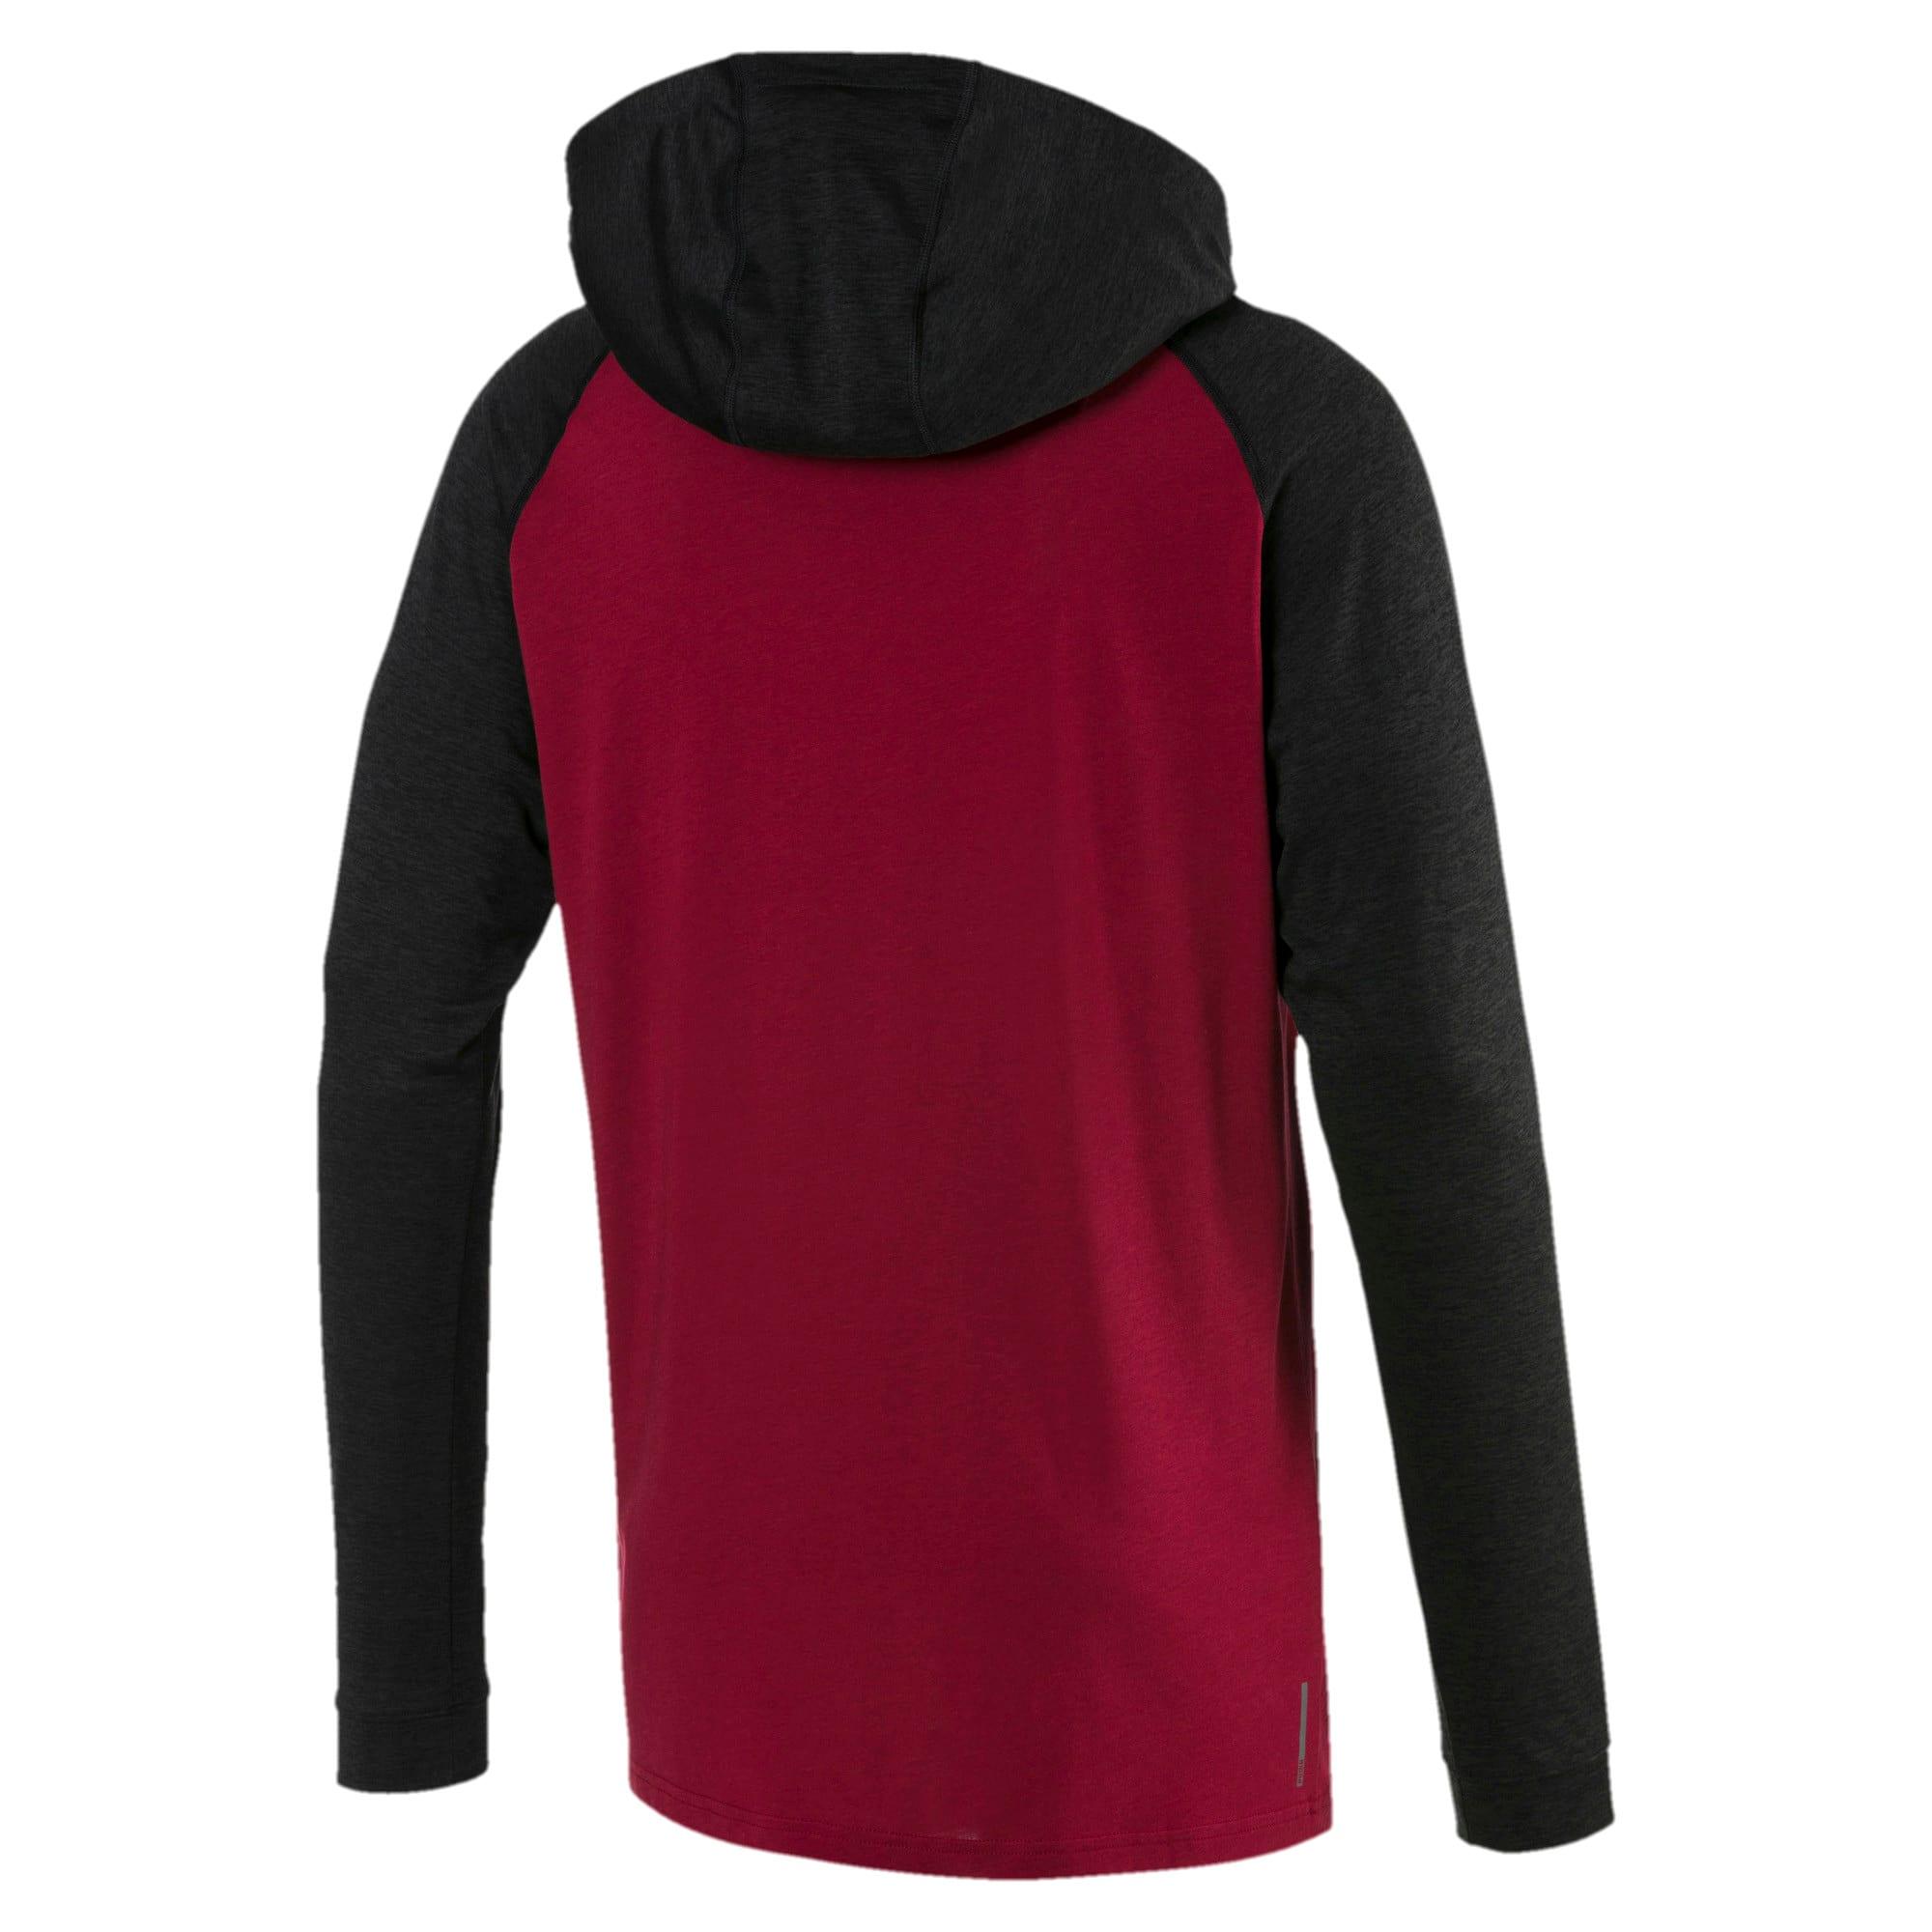 Miniatura 5 de Camiseta Collective con capucha y mangas largas para hombre, Rhubarb-Puma Black Heather, mediano